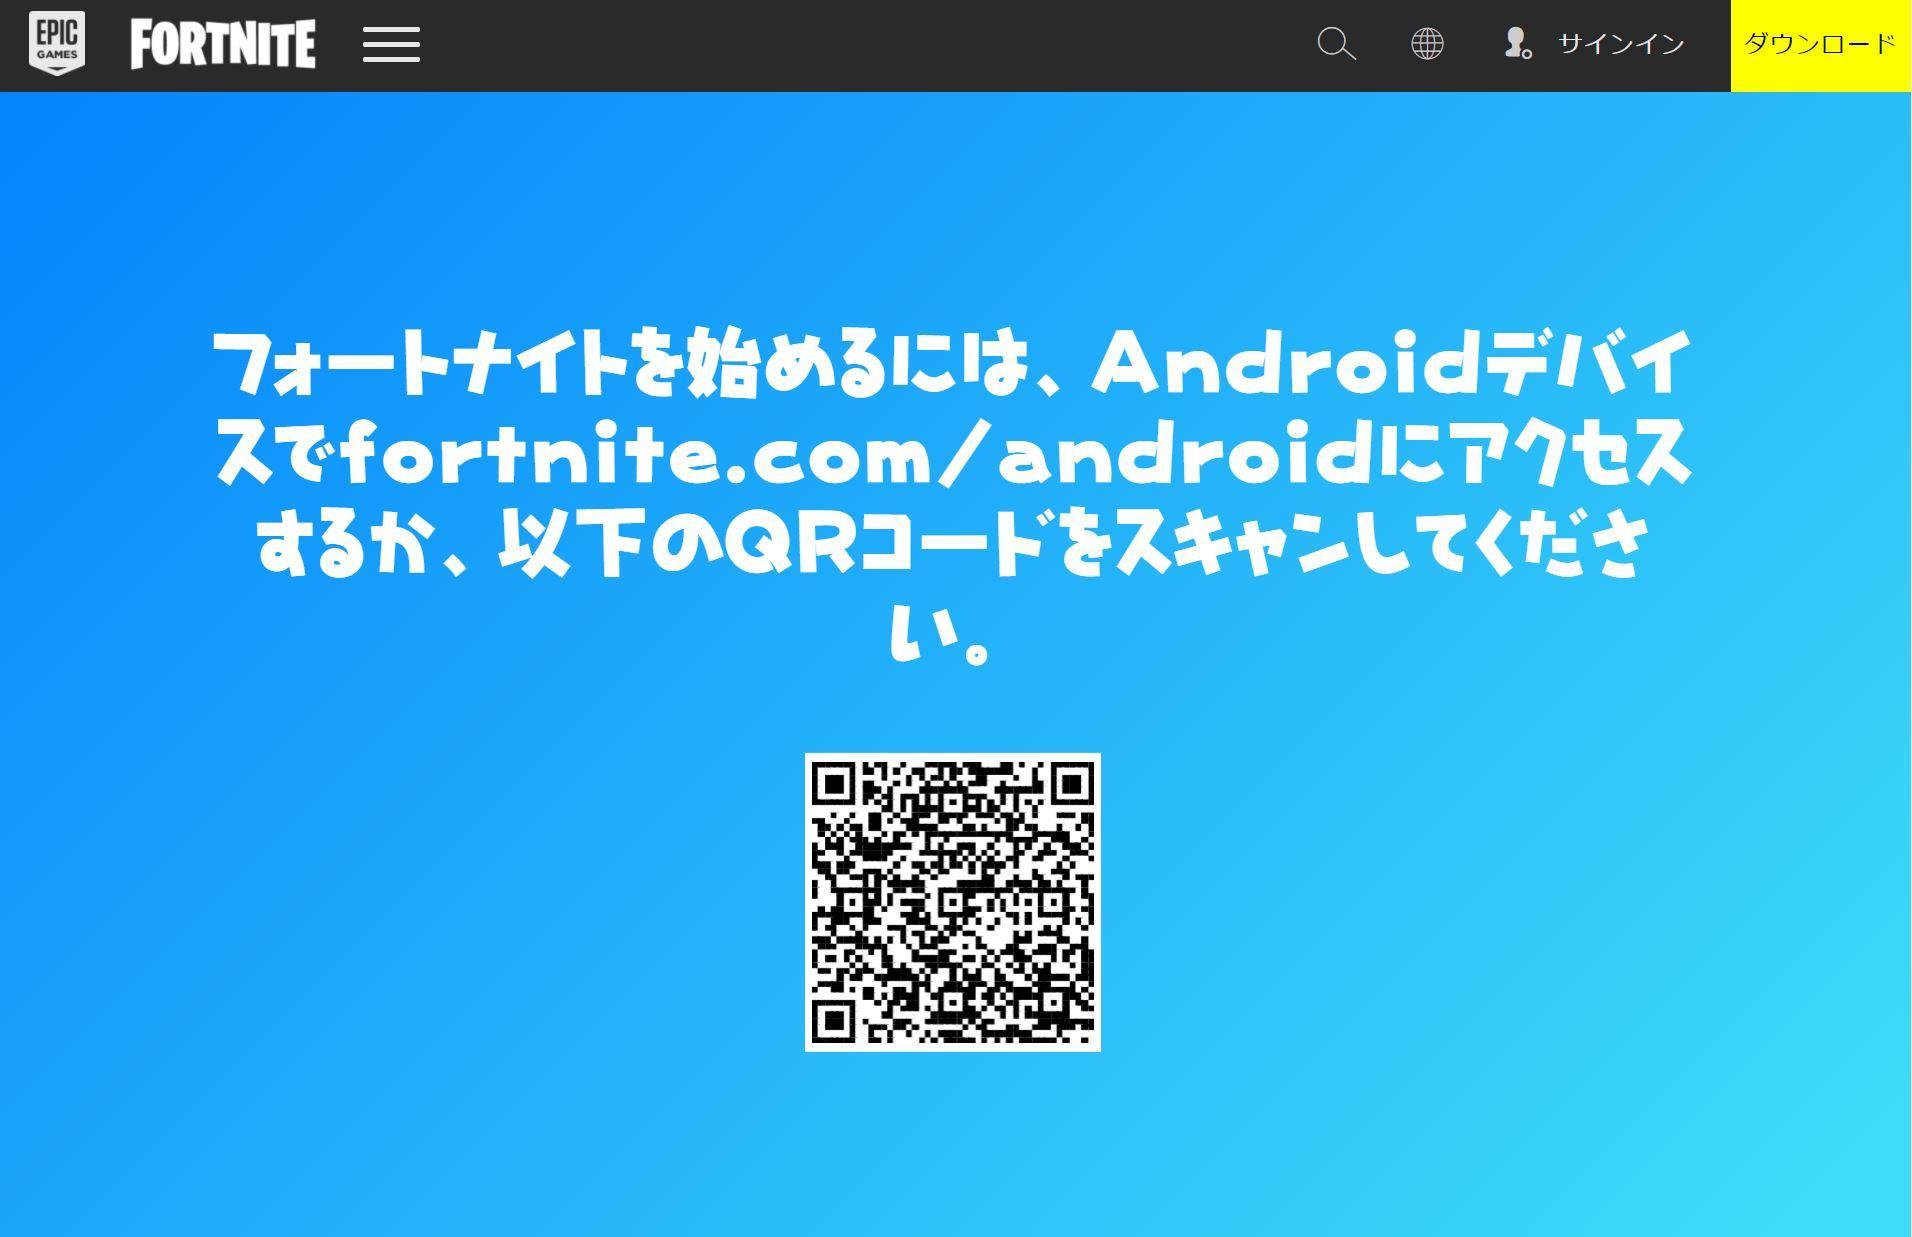 l_yu_fortnite2.jpg (1912×1237)